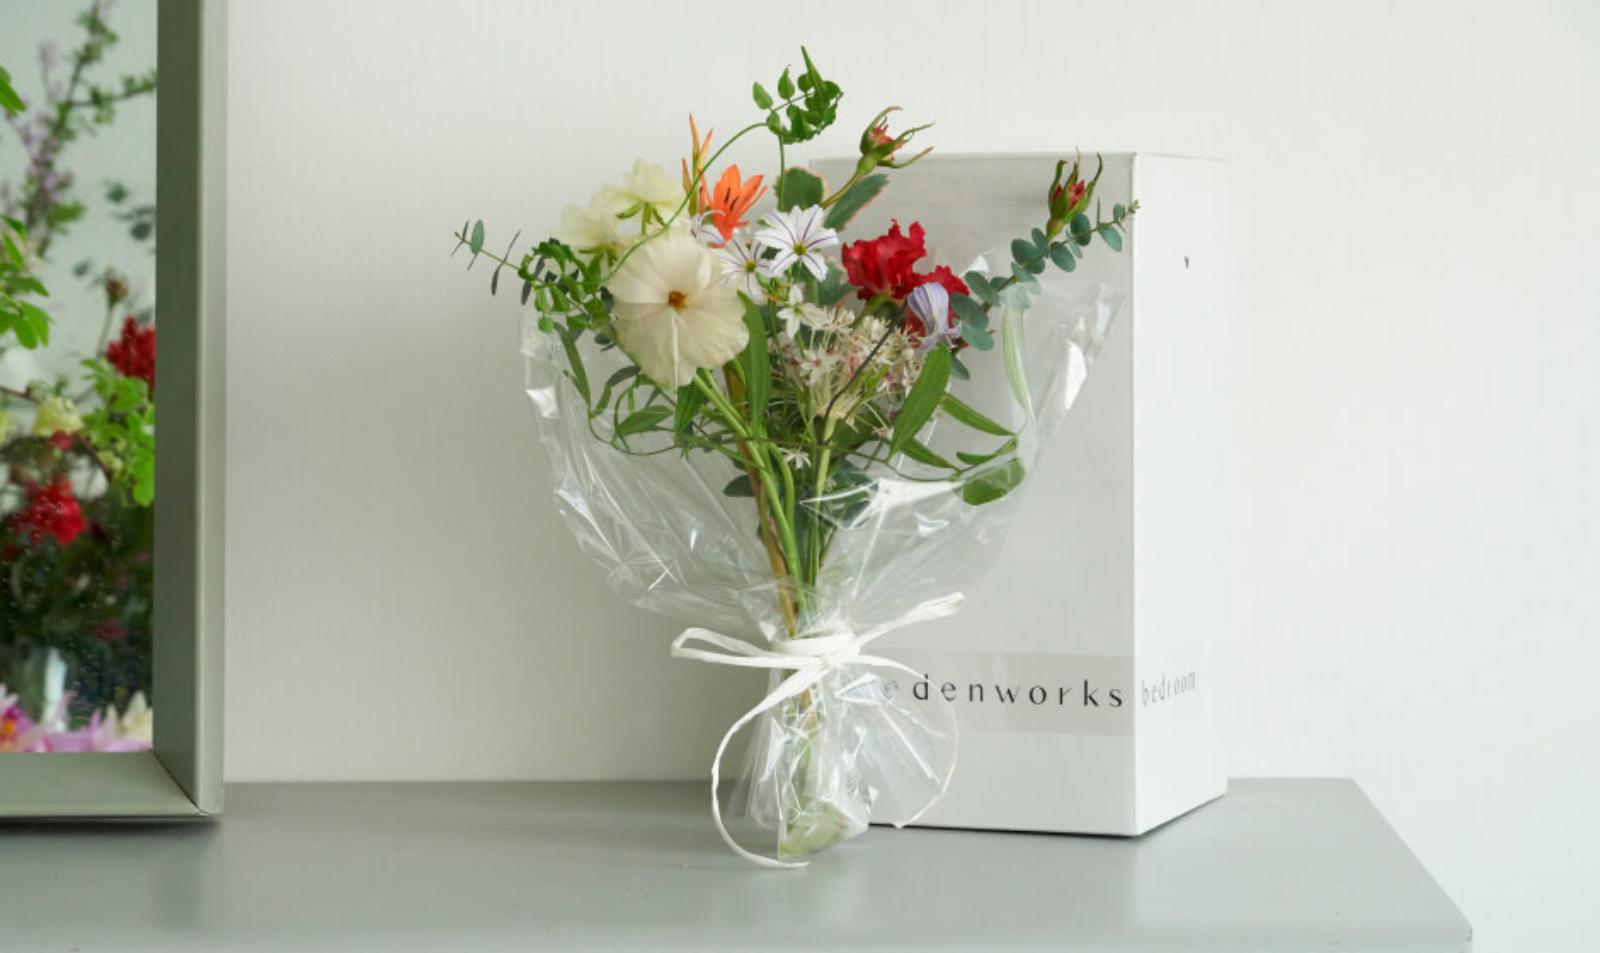 """Flower Delivery """"edenworks bedroom"""""""